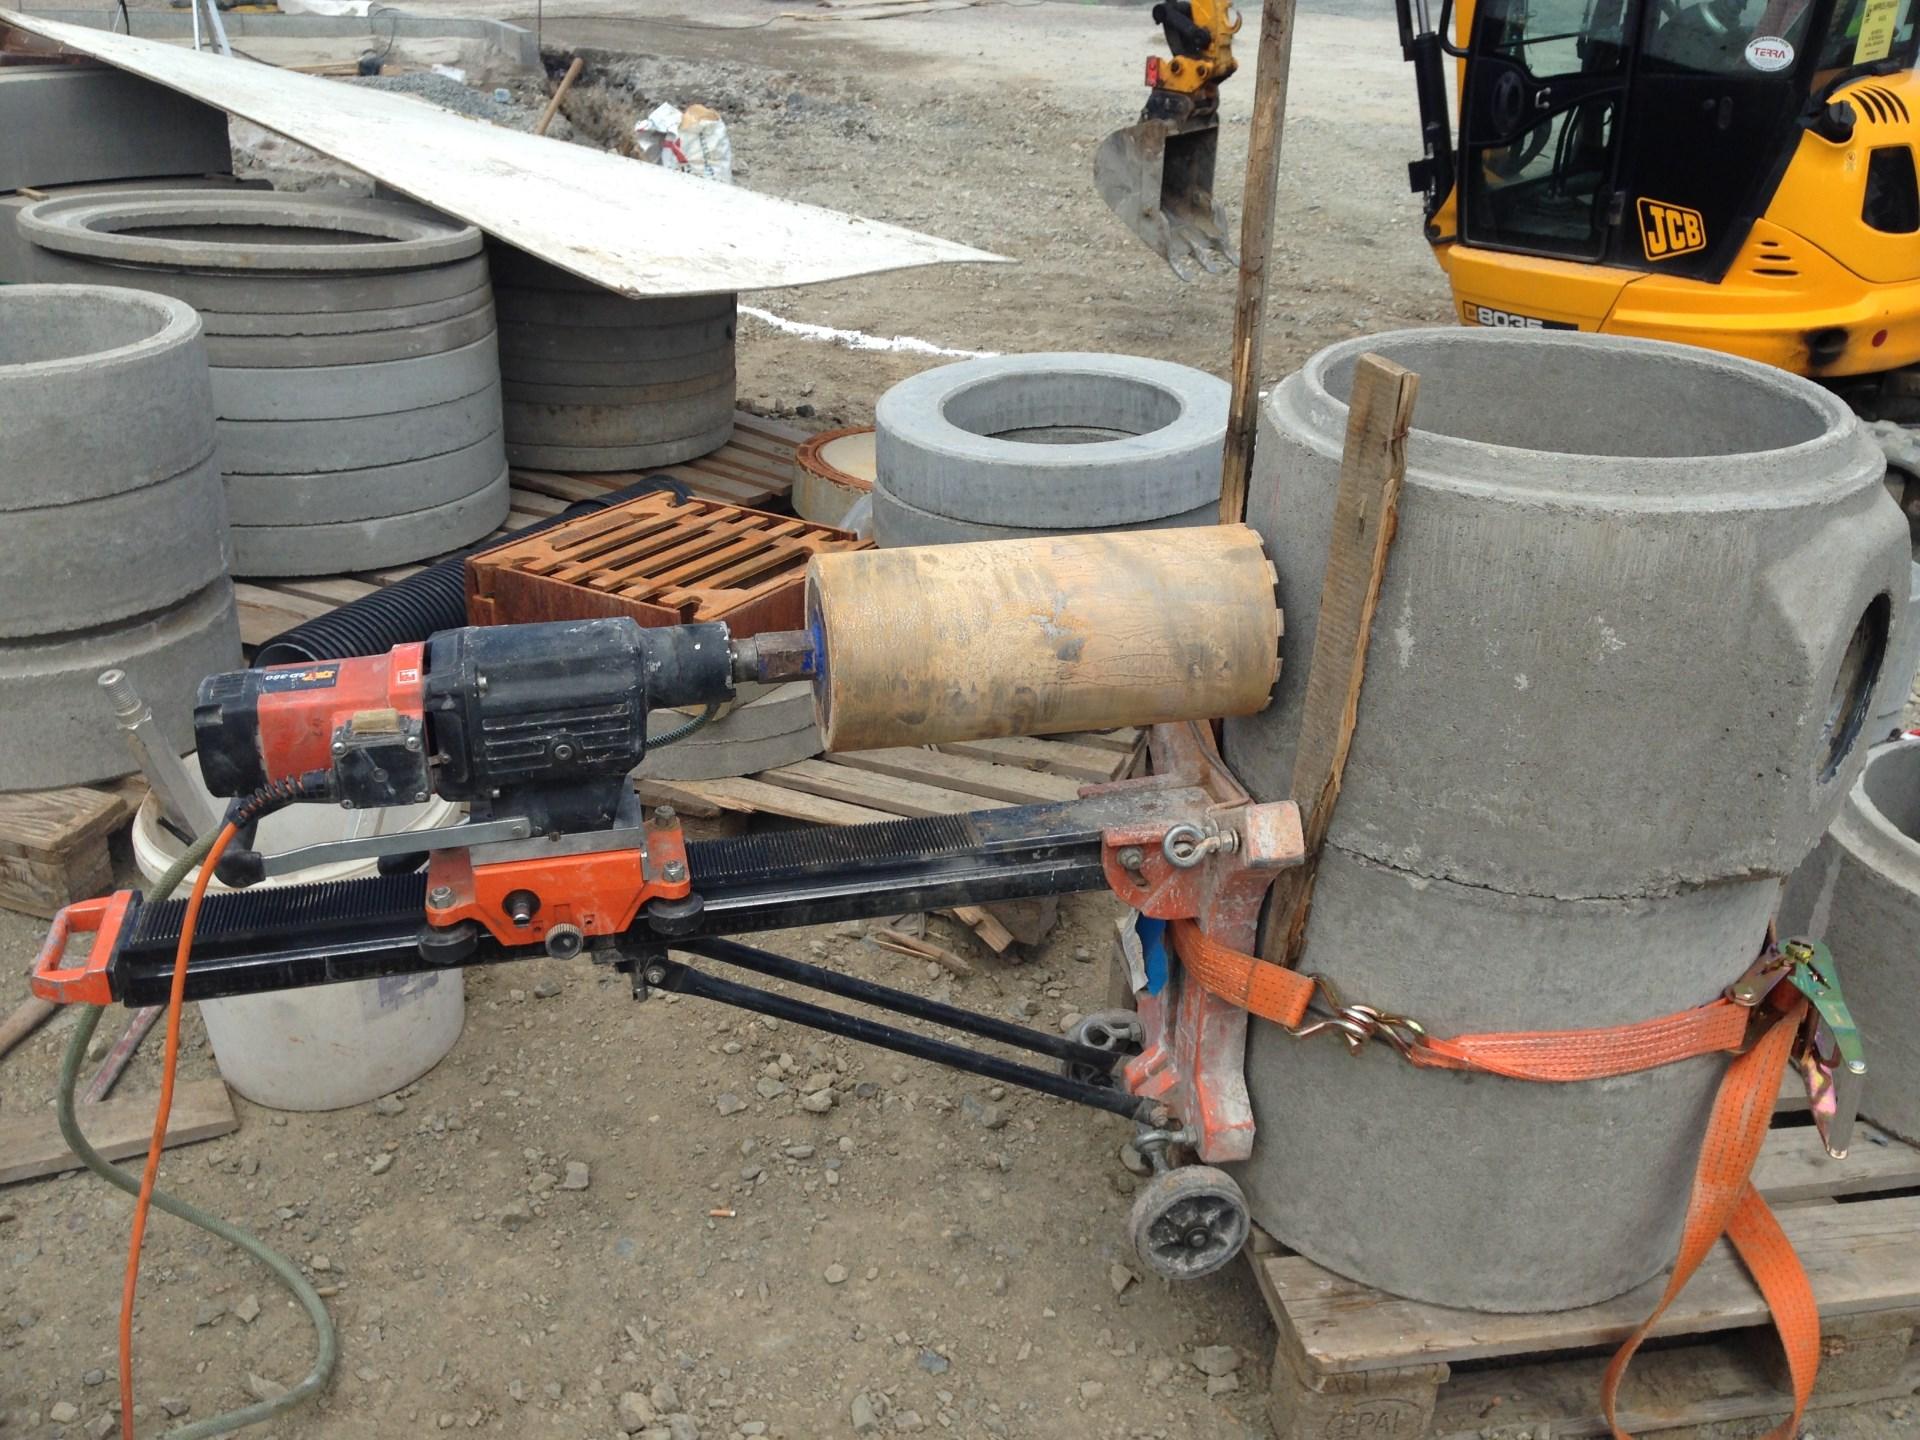 Vrtání do kanalizačního potrubí